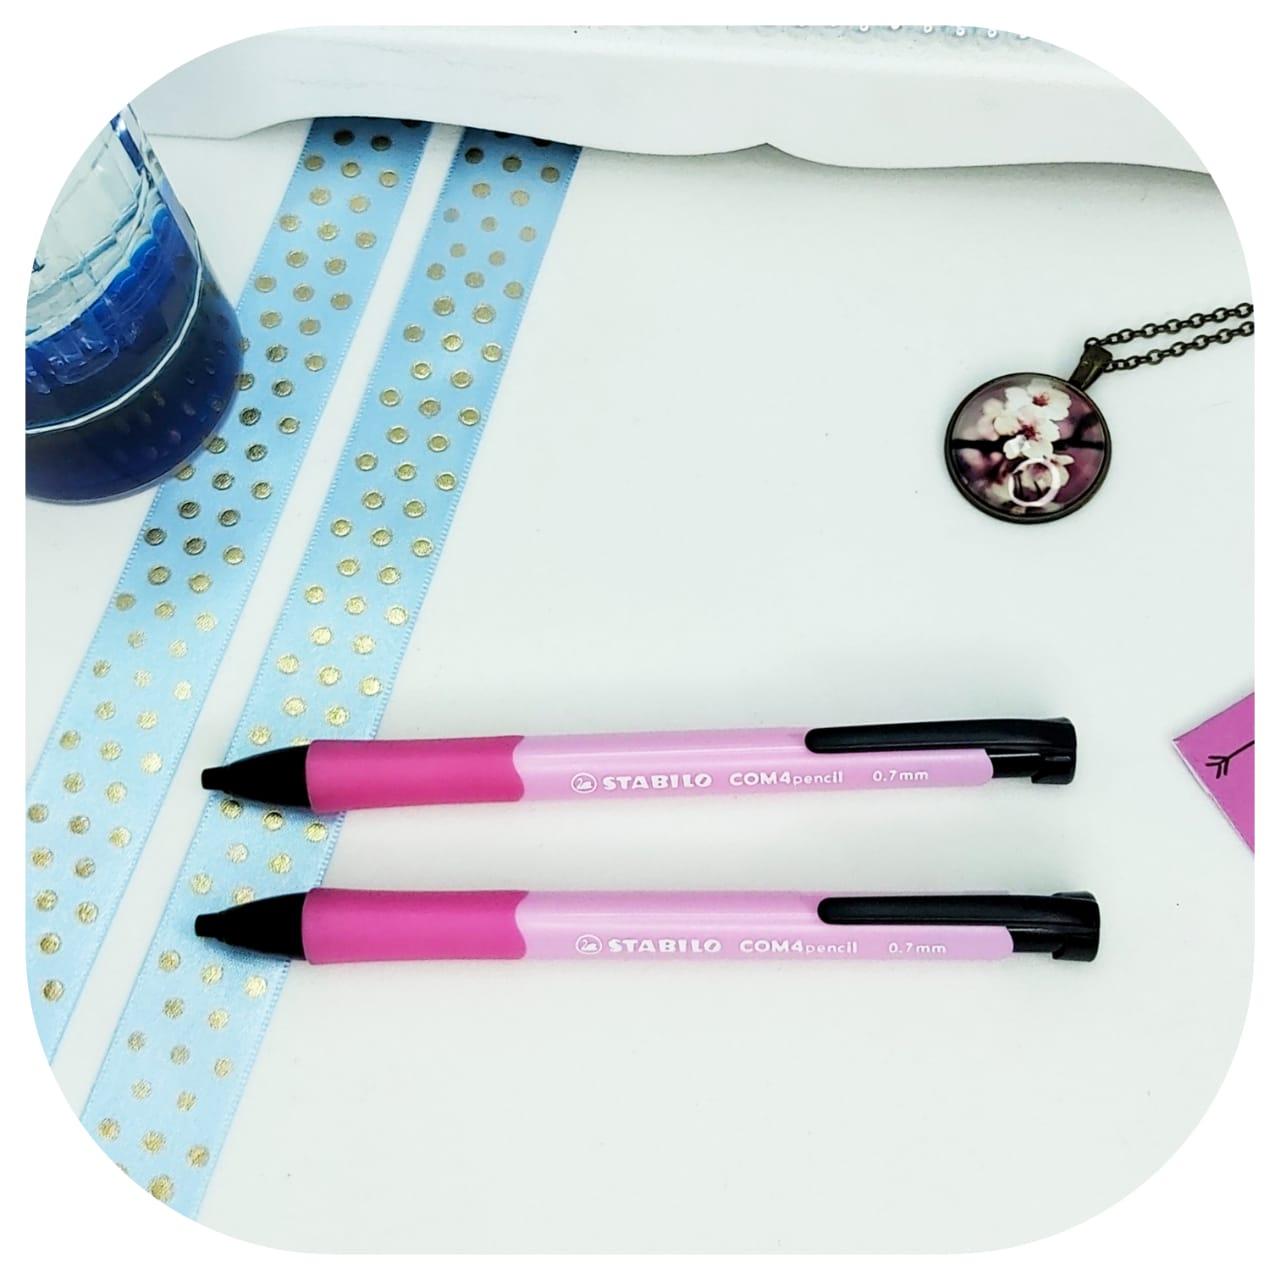 Lapiseira COM4 Pencil -  Stabilo